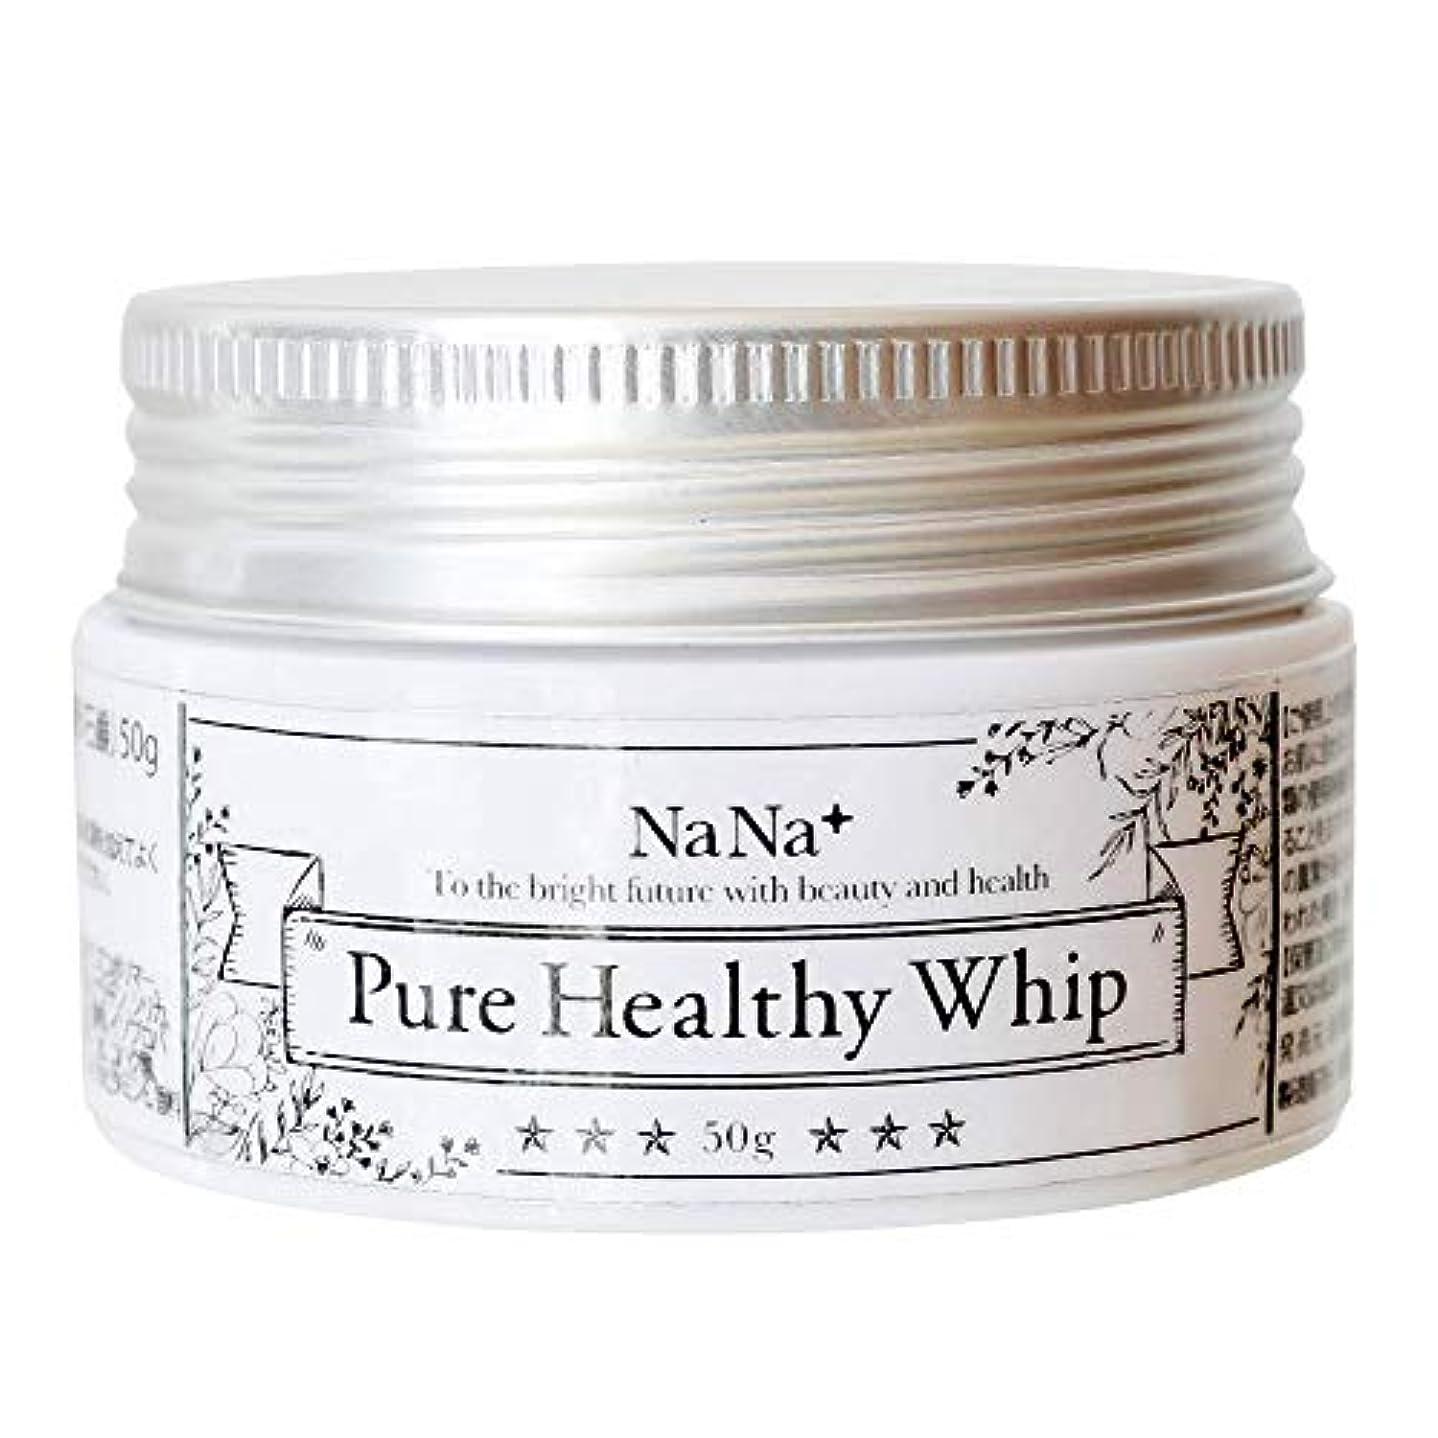 サドルロンドン霧洗顔 生せっけん 敏感肌 乾燥肌 の 毛穴 くすみ 黒ずみ ケア 肌に優しい無添加  nana+ピュアヘルシーホイップ